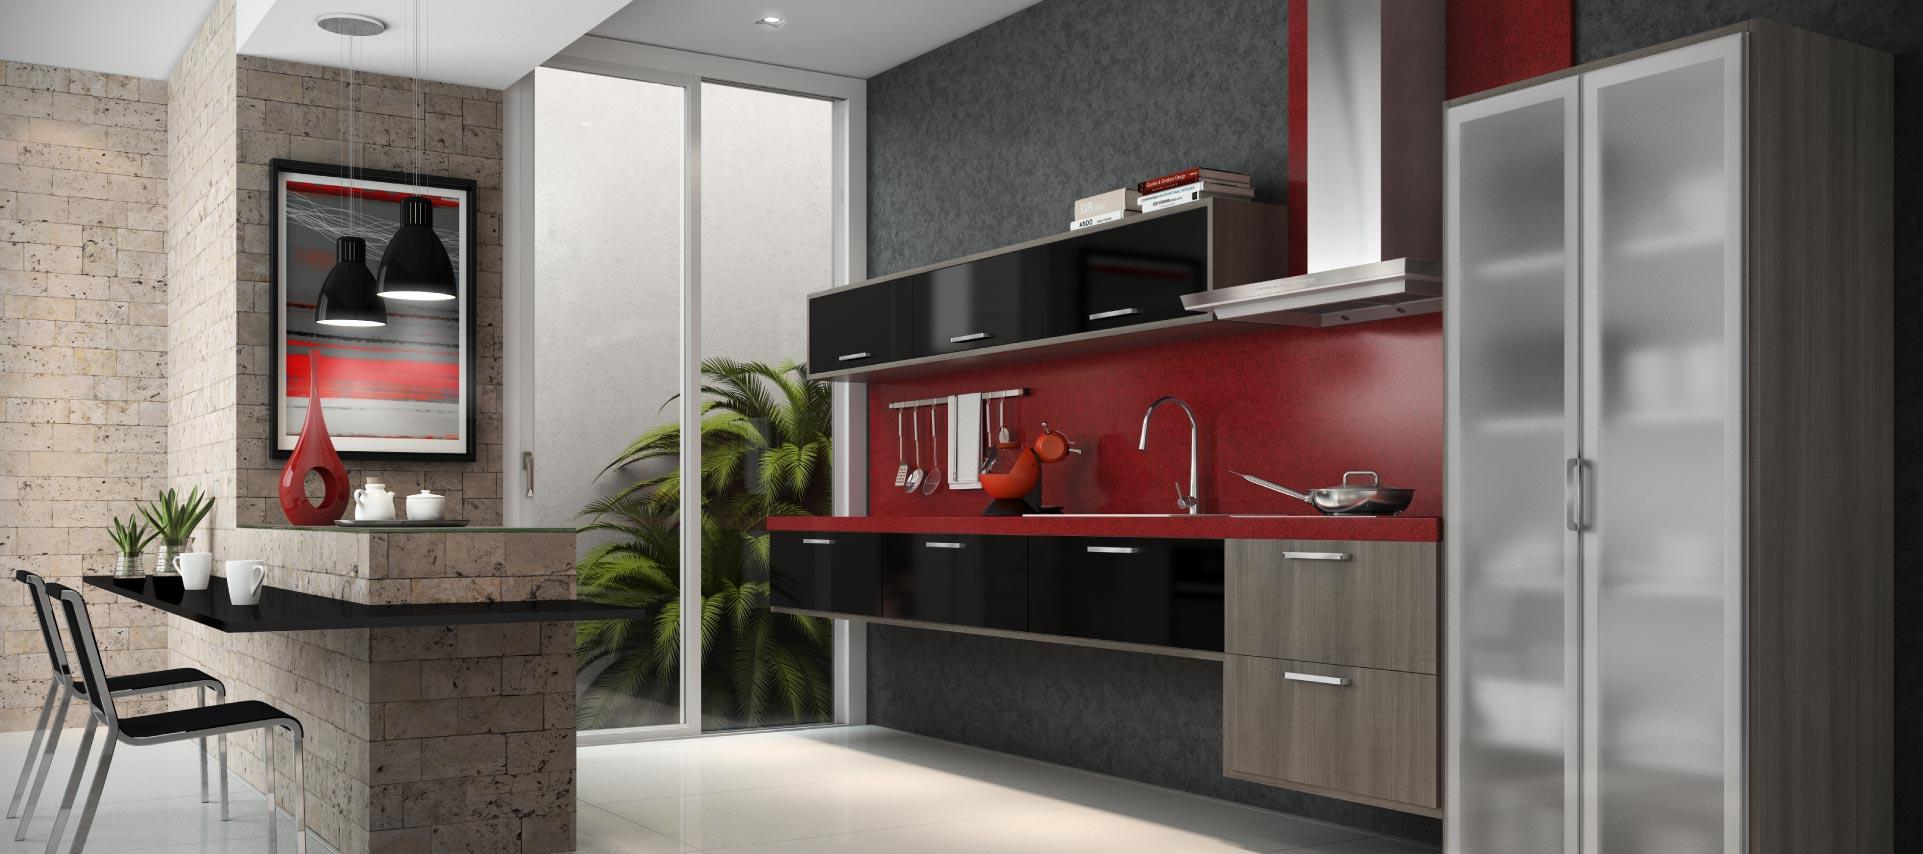 http://www.decor8planejados.com.br/wp-content/uploads/2016/03/cozinha-planejada-moveis-planejados-decor8-2.jpg